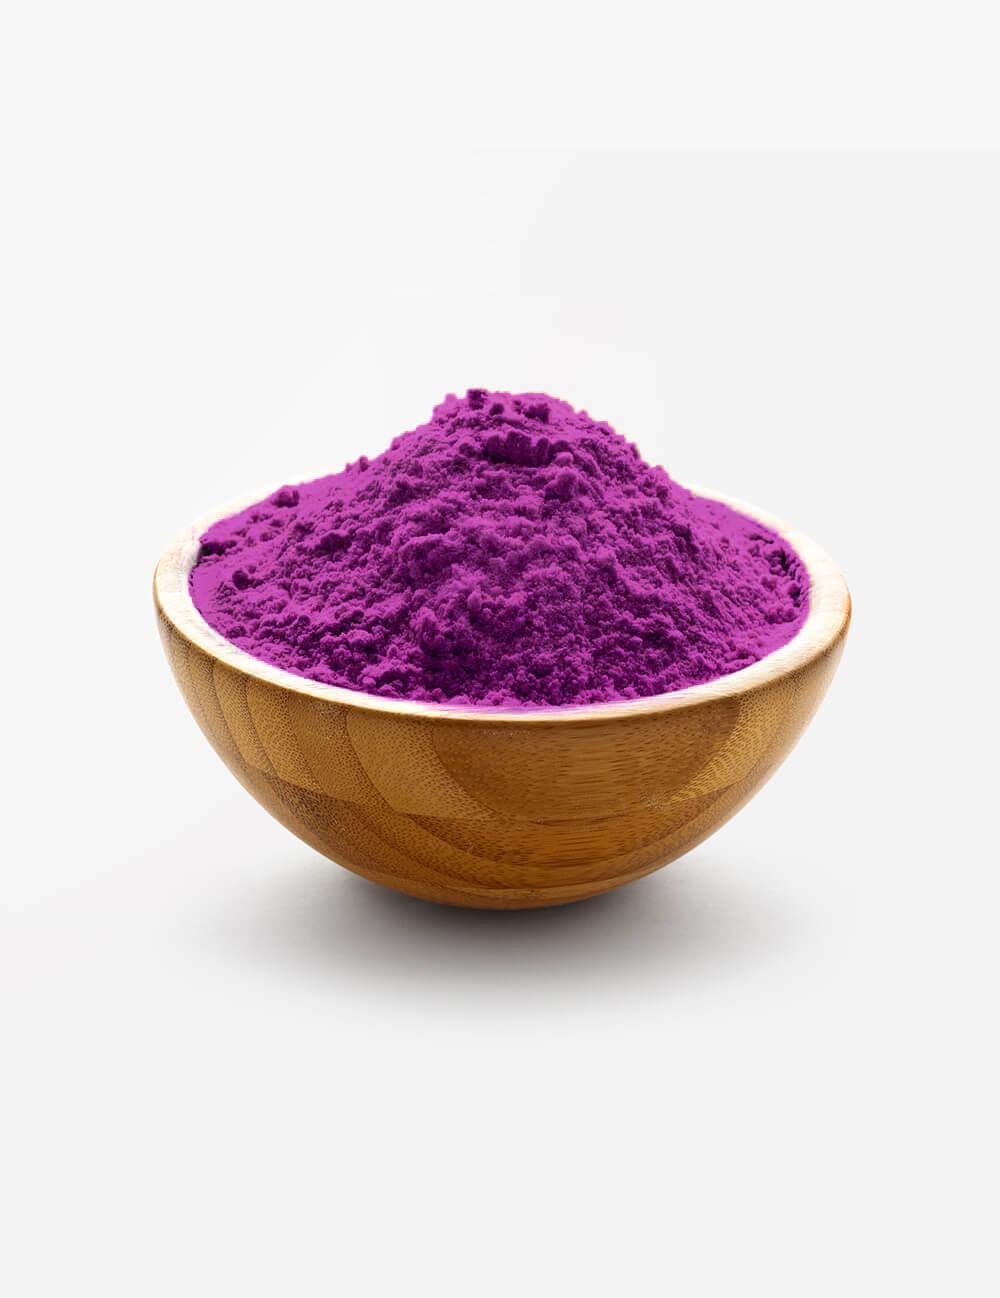 Elderberry Image 4